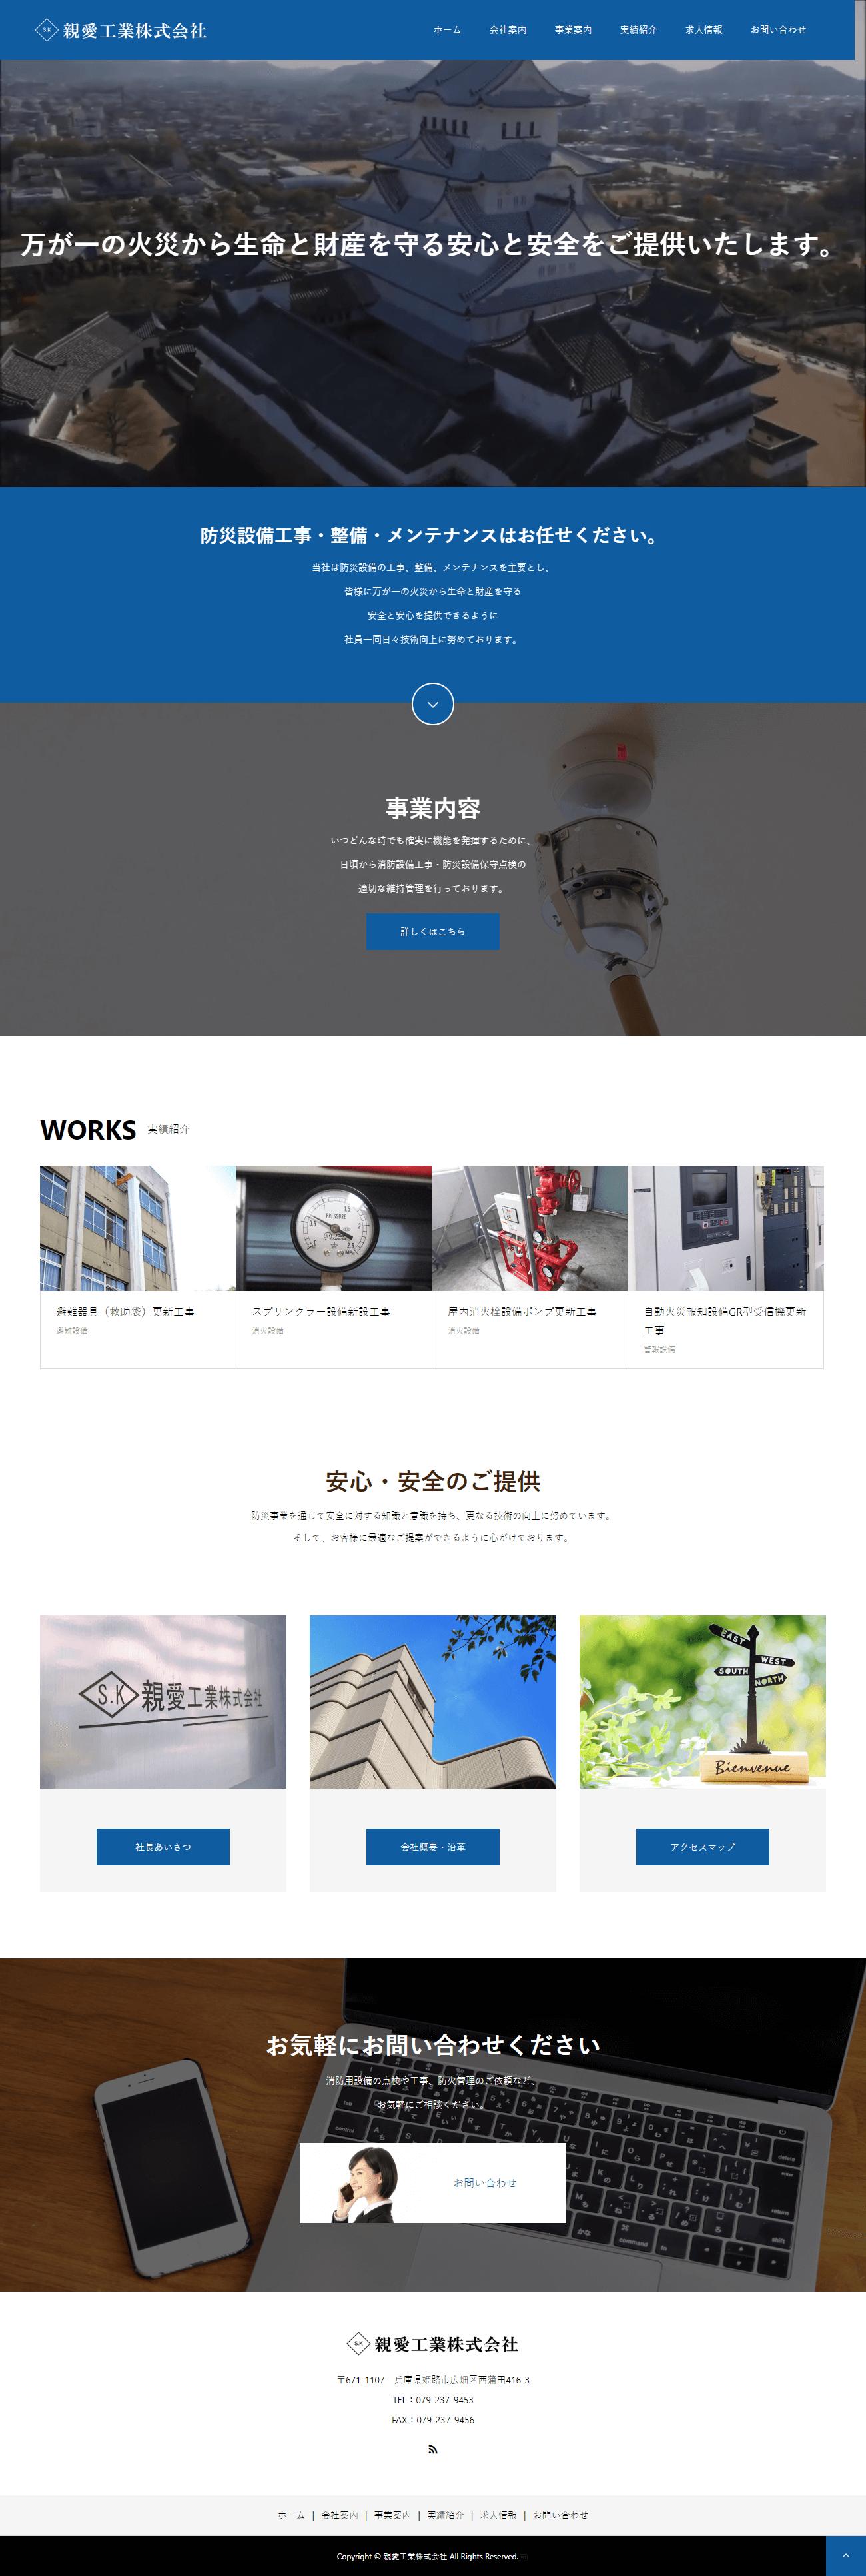 姫路市 親愛工業株式会社 ホームページ制作1